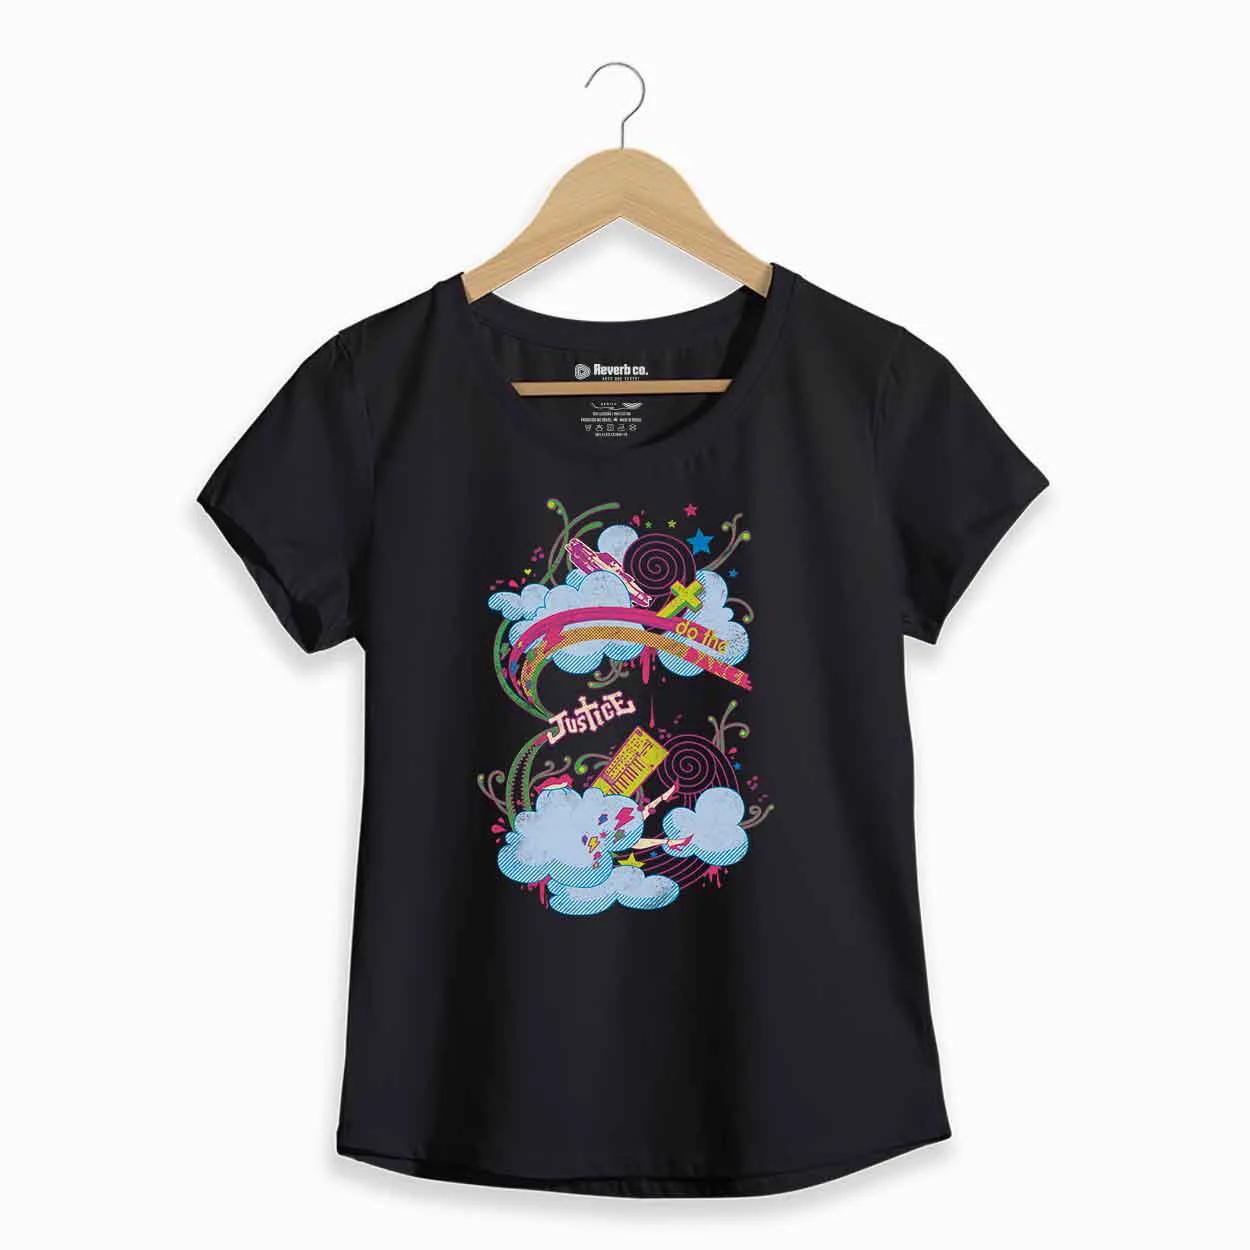 Camiseta  - Justice - Feminino